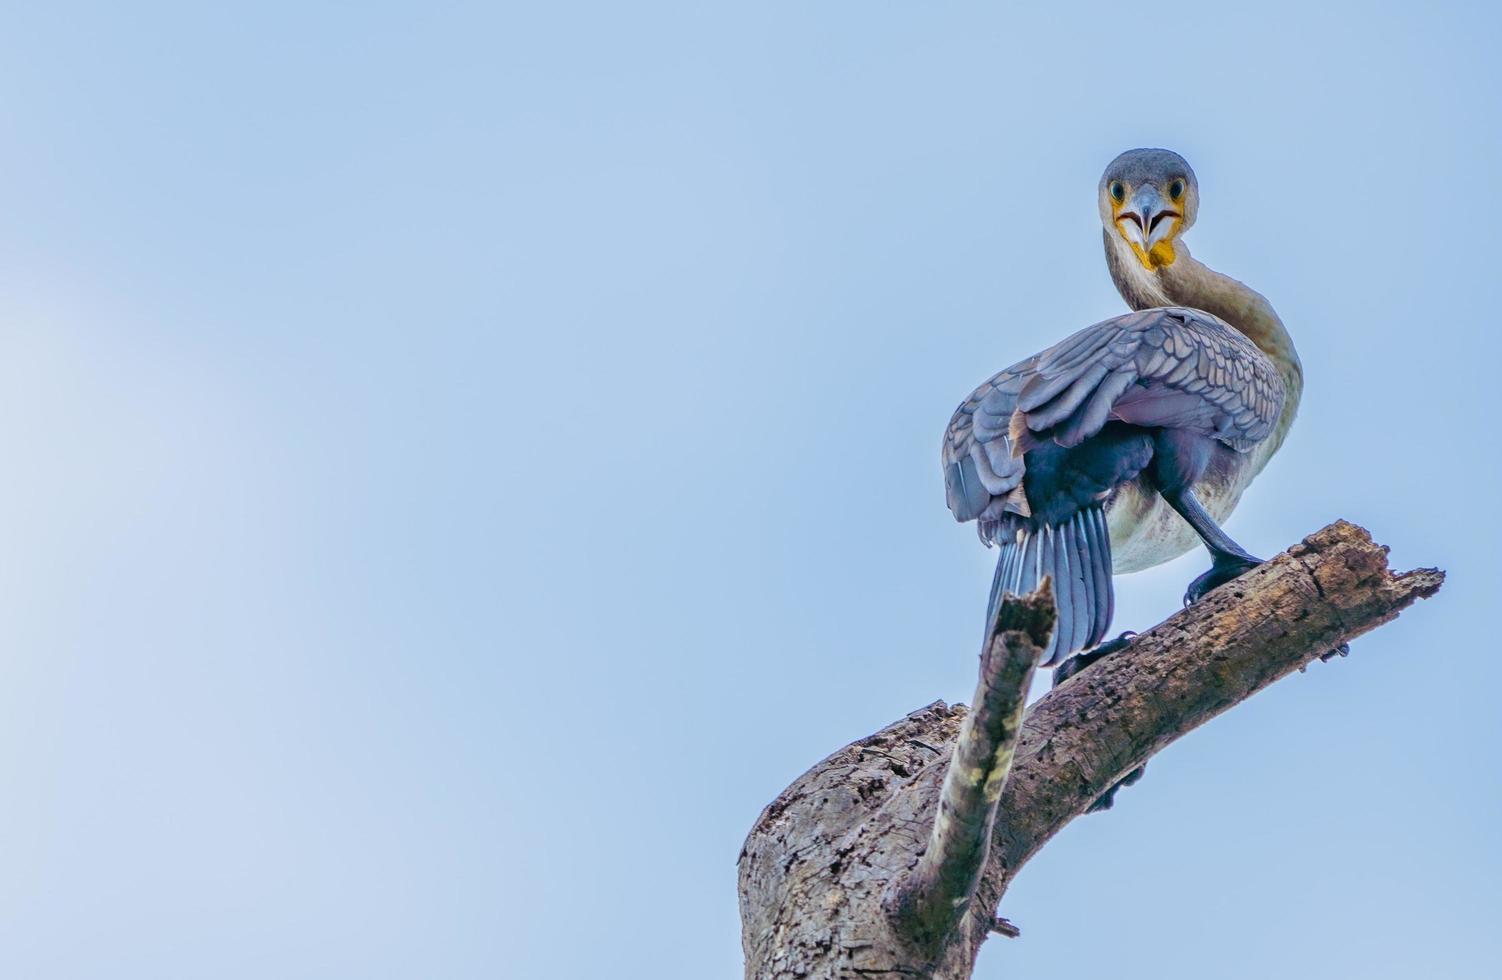 blauer Kormoran thront auf einem Ast foto